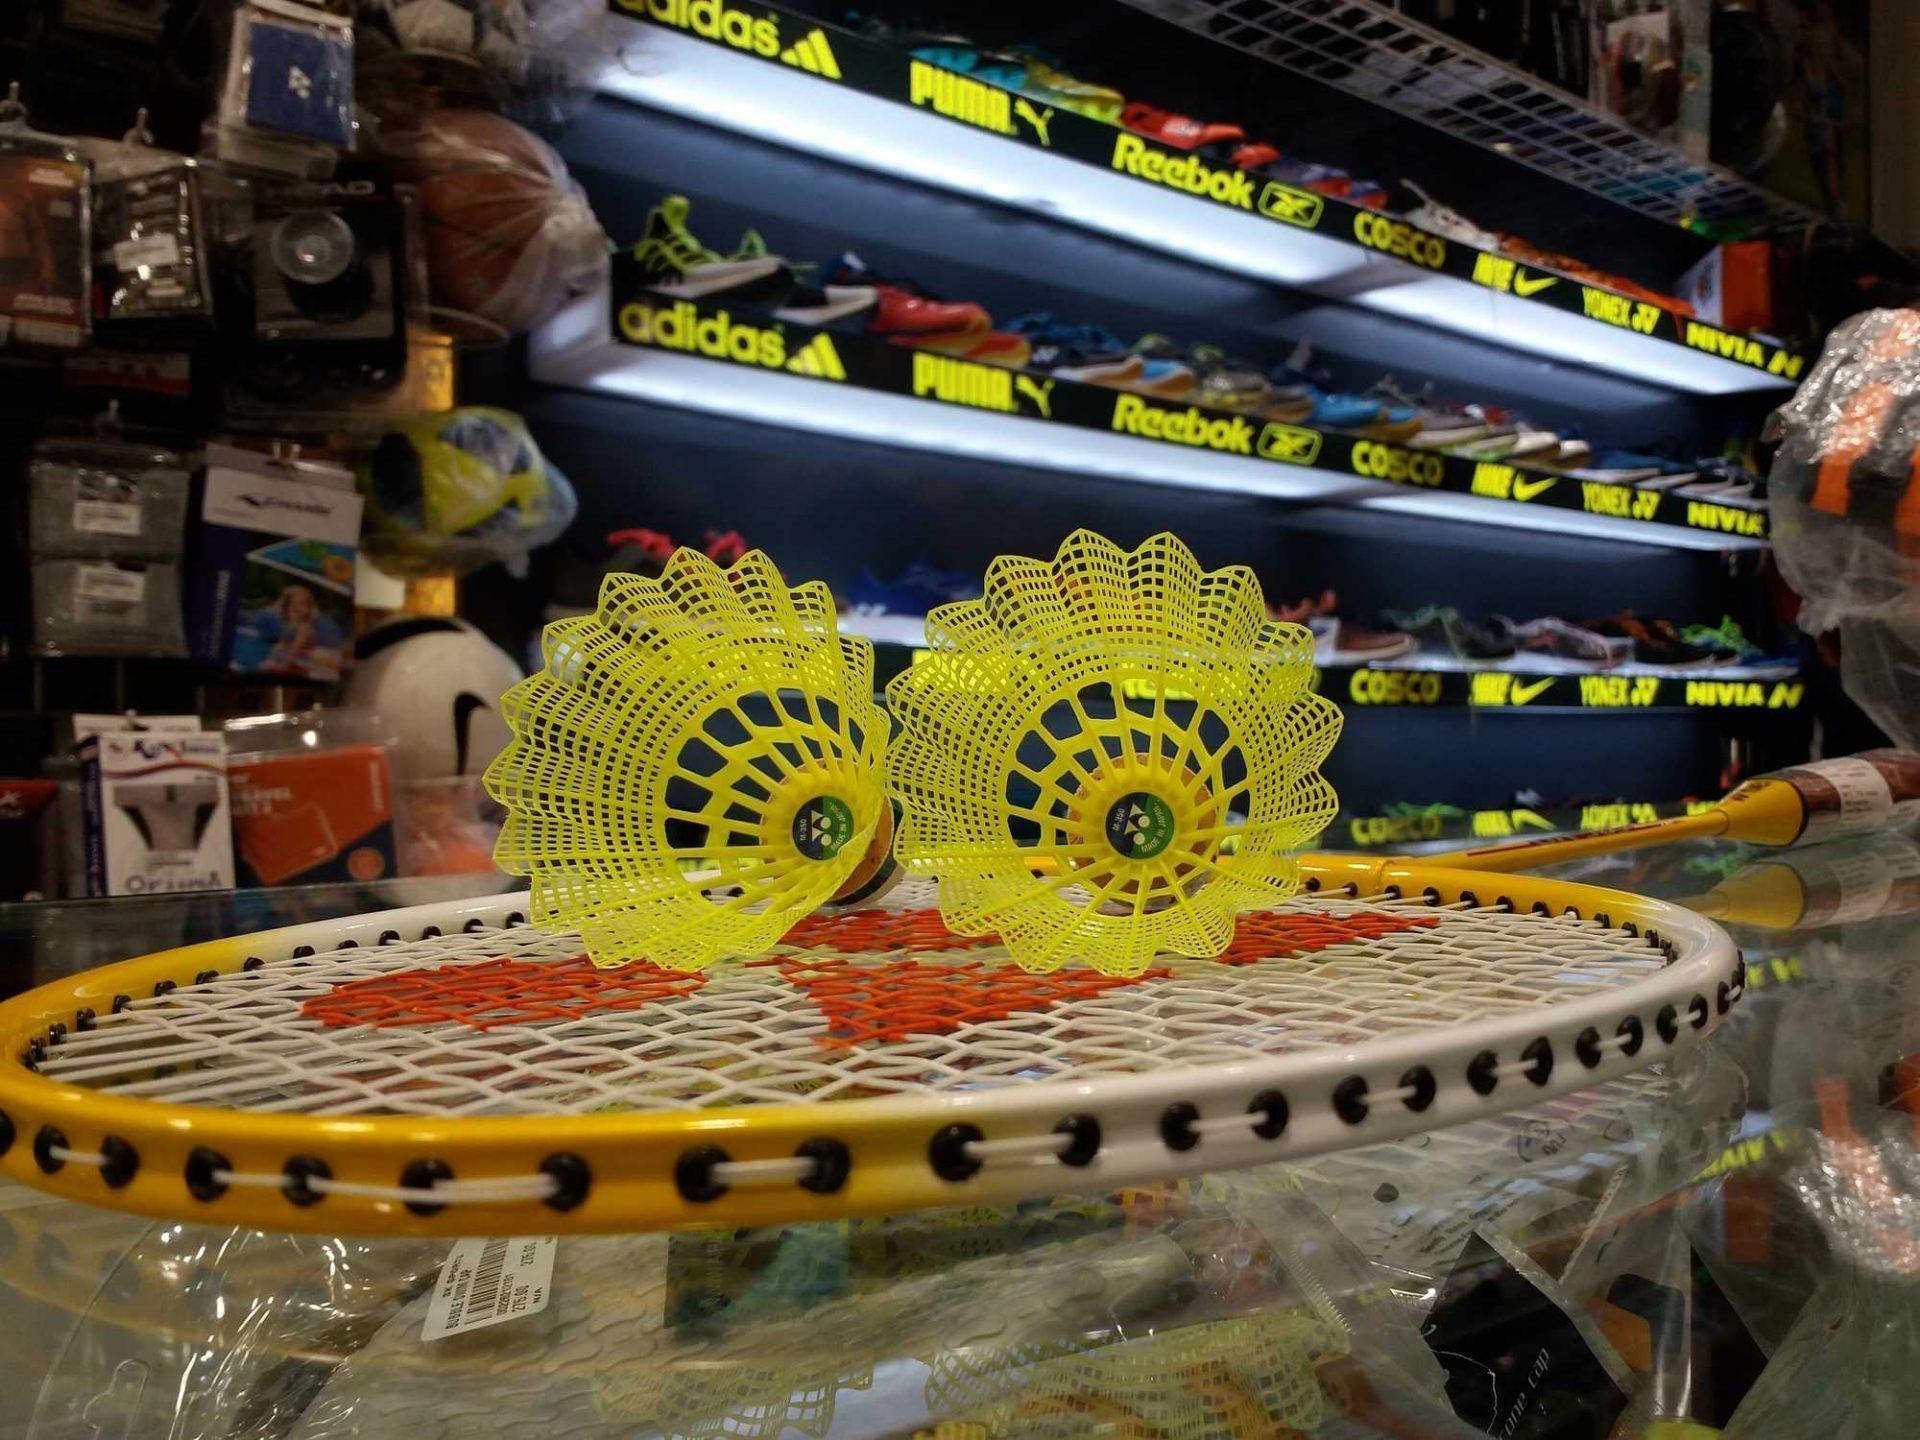 SK-Sports-Goods-Store-badminton-shuttlecock Sports Goods Store / Shop in Pimple Saudagar – SK Sports and Sales | sports goods store / shop in pimple saudagar